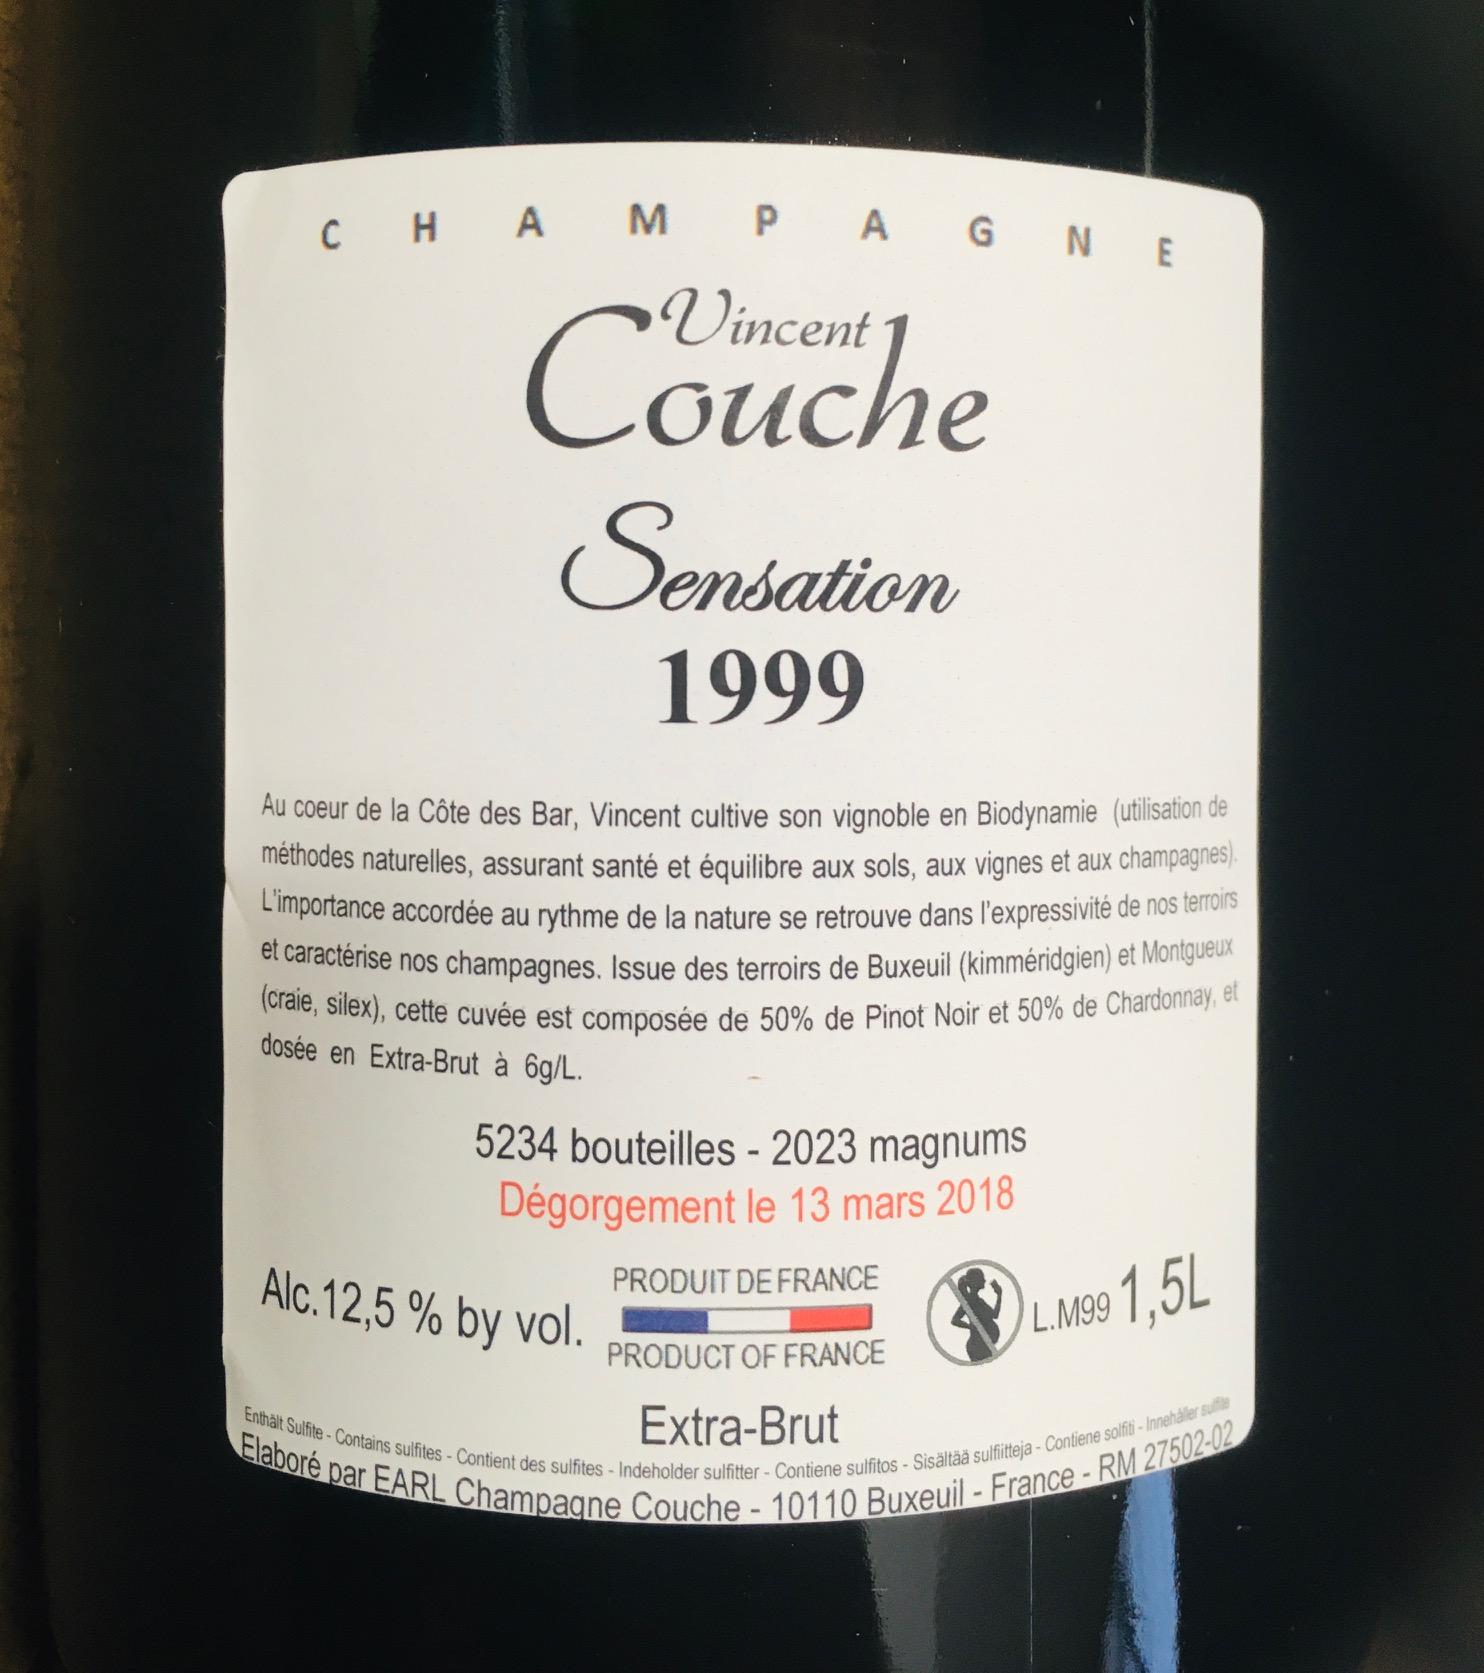 VINCENT COUCHE SENSATION 1999